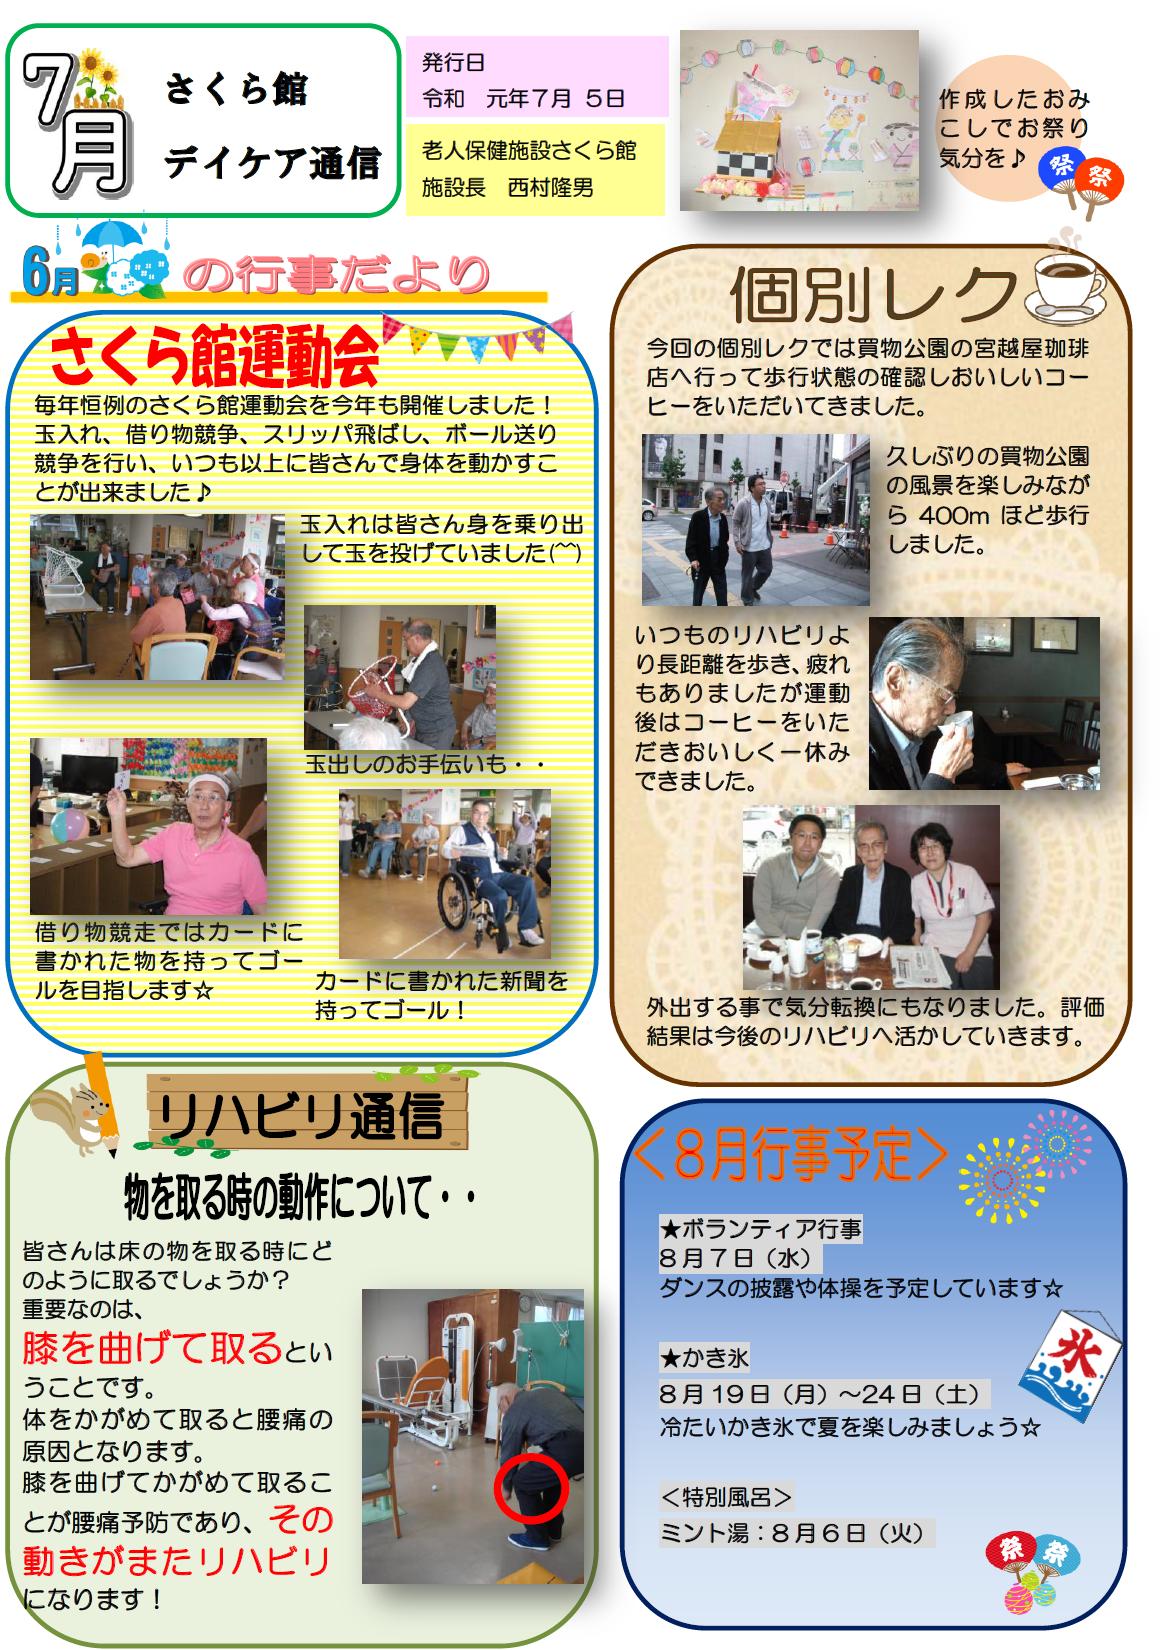 デイケア通信 7月号